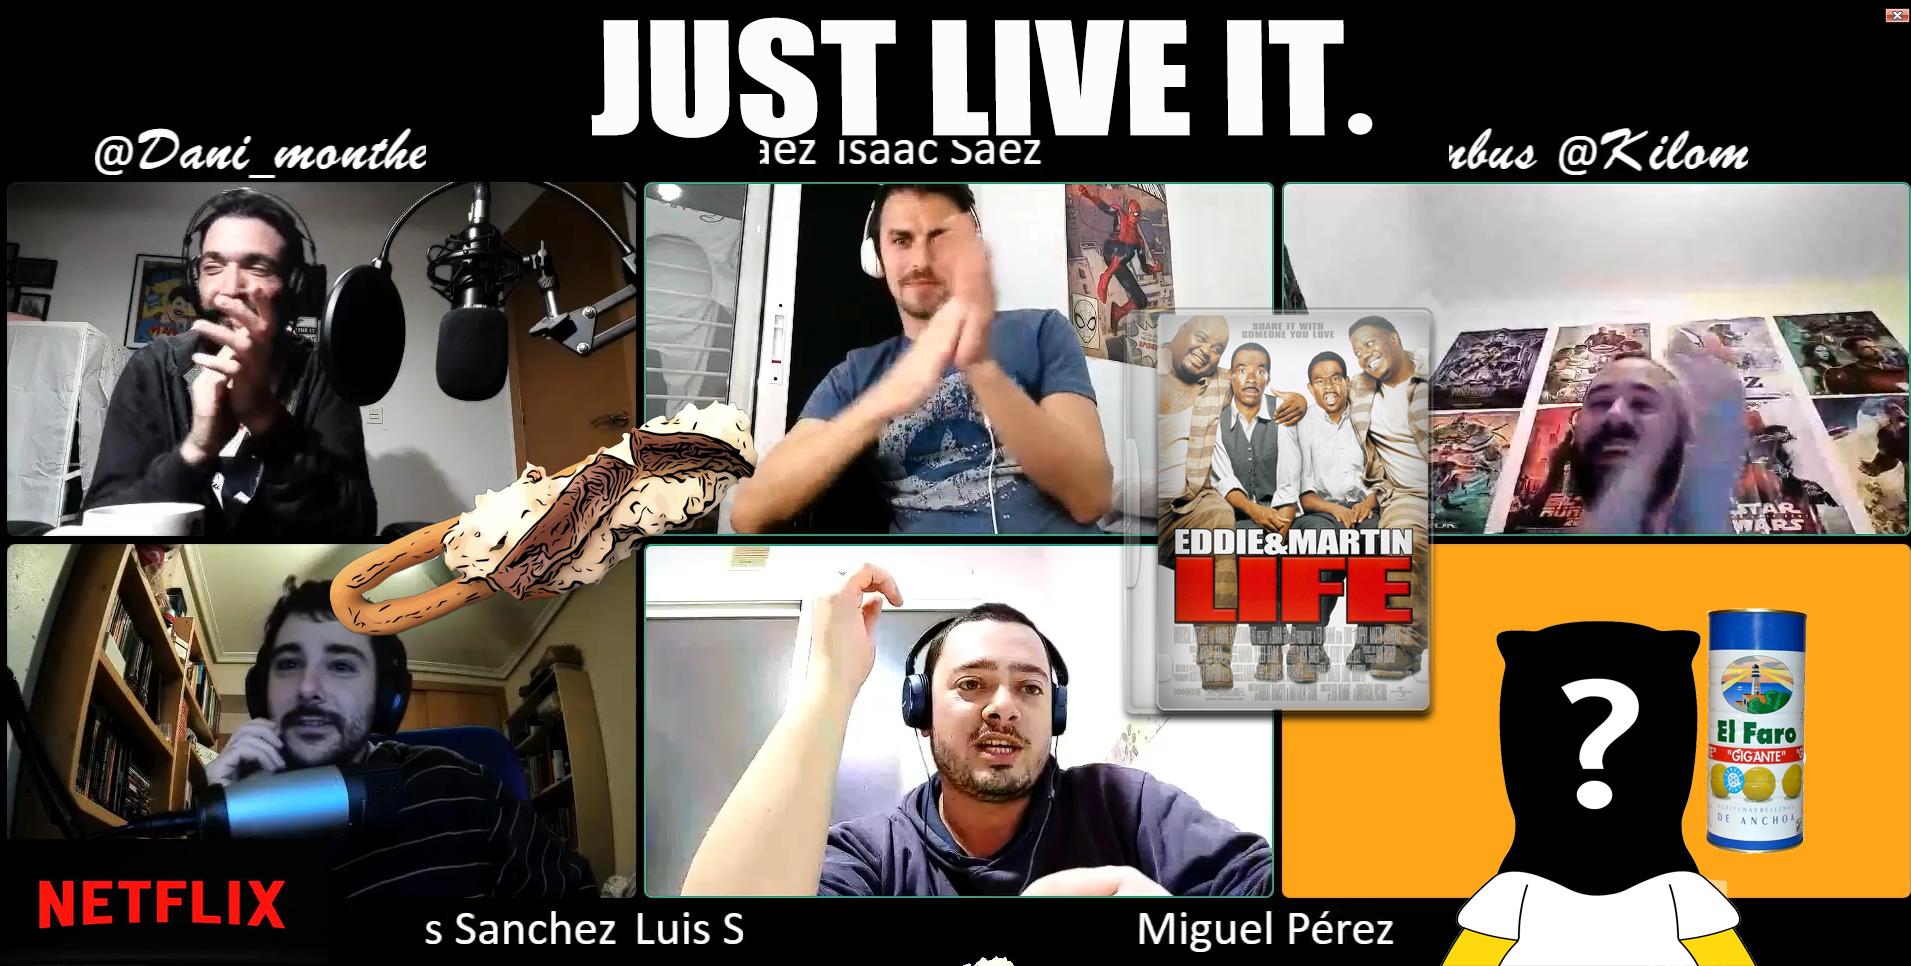 Just Live It   Temp 1 Ep 6   Esto No Tiene Nombre, Condenados A Fugarse Y Condenados Nosotros Durante Hora Y Media De Peli